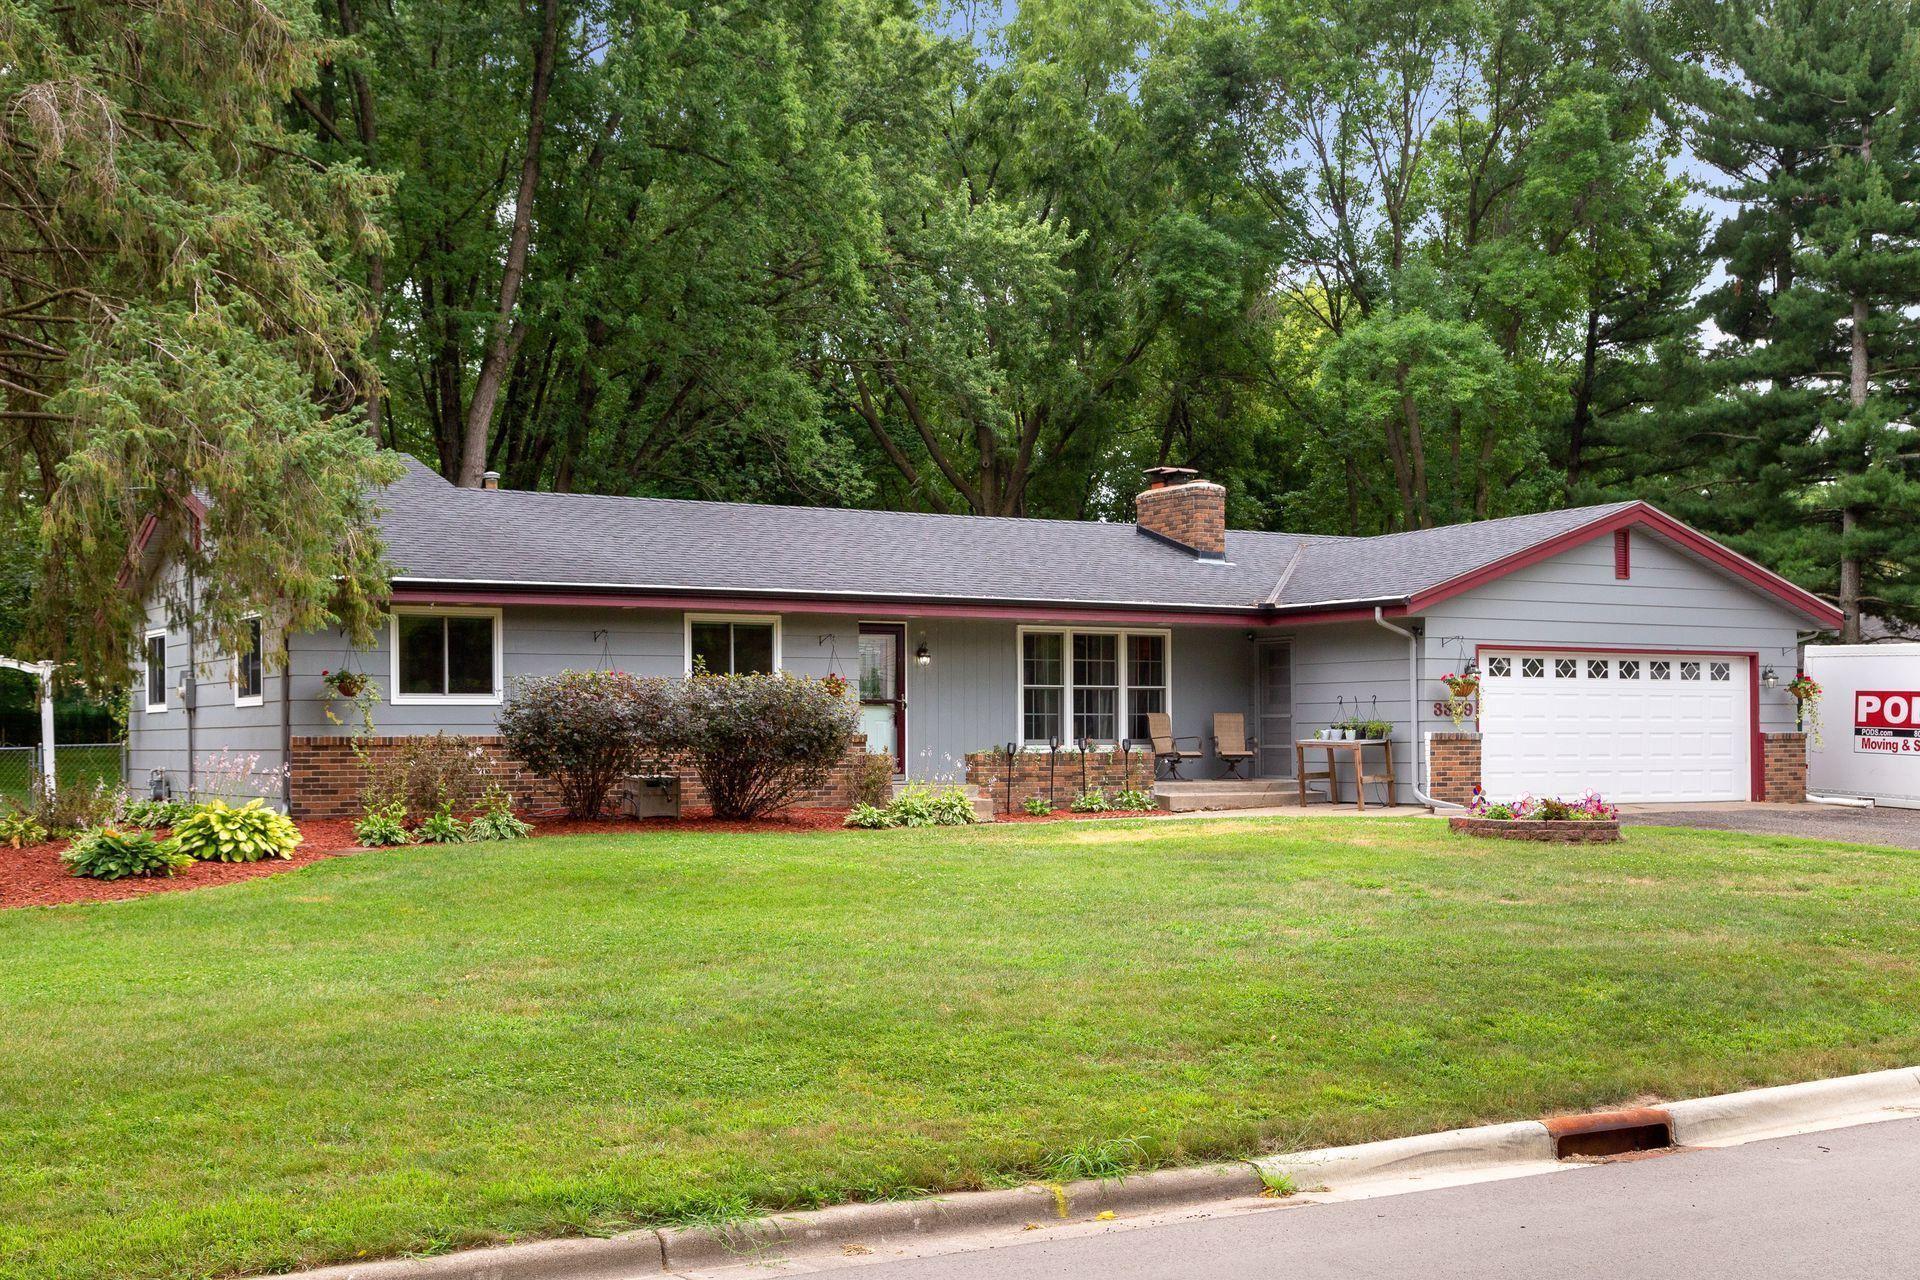 Photo of 3309 Harmony Circle, Burnsville, MN 55337 (MLS # 6014787)